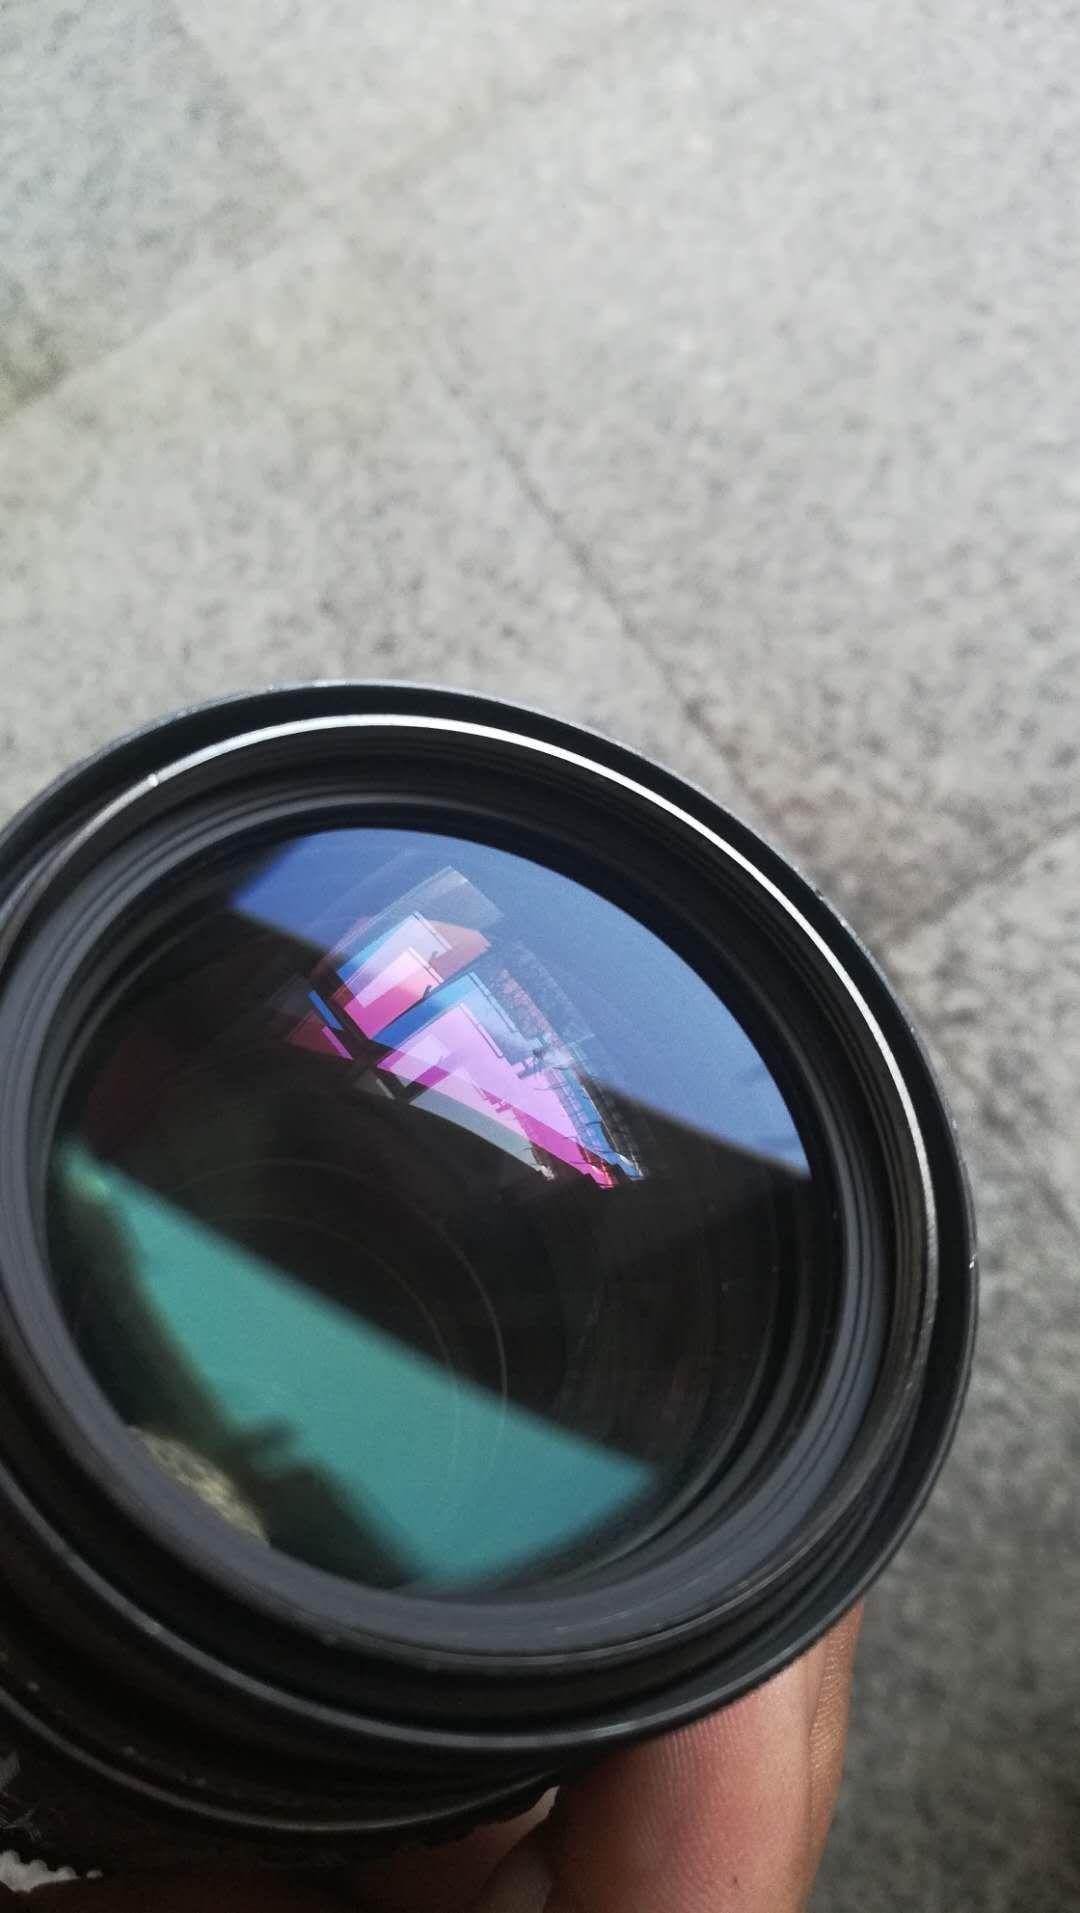 宾得Pentax 镜头 太苦玛SMC 75~150mm 手动牛头 自带遮光罩